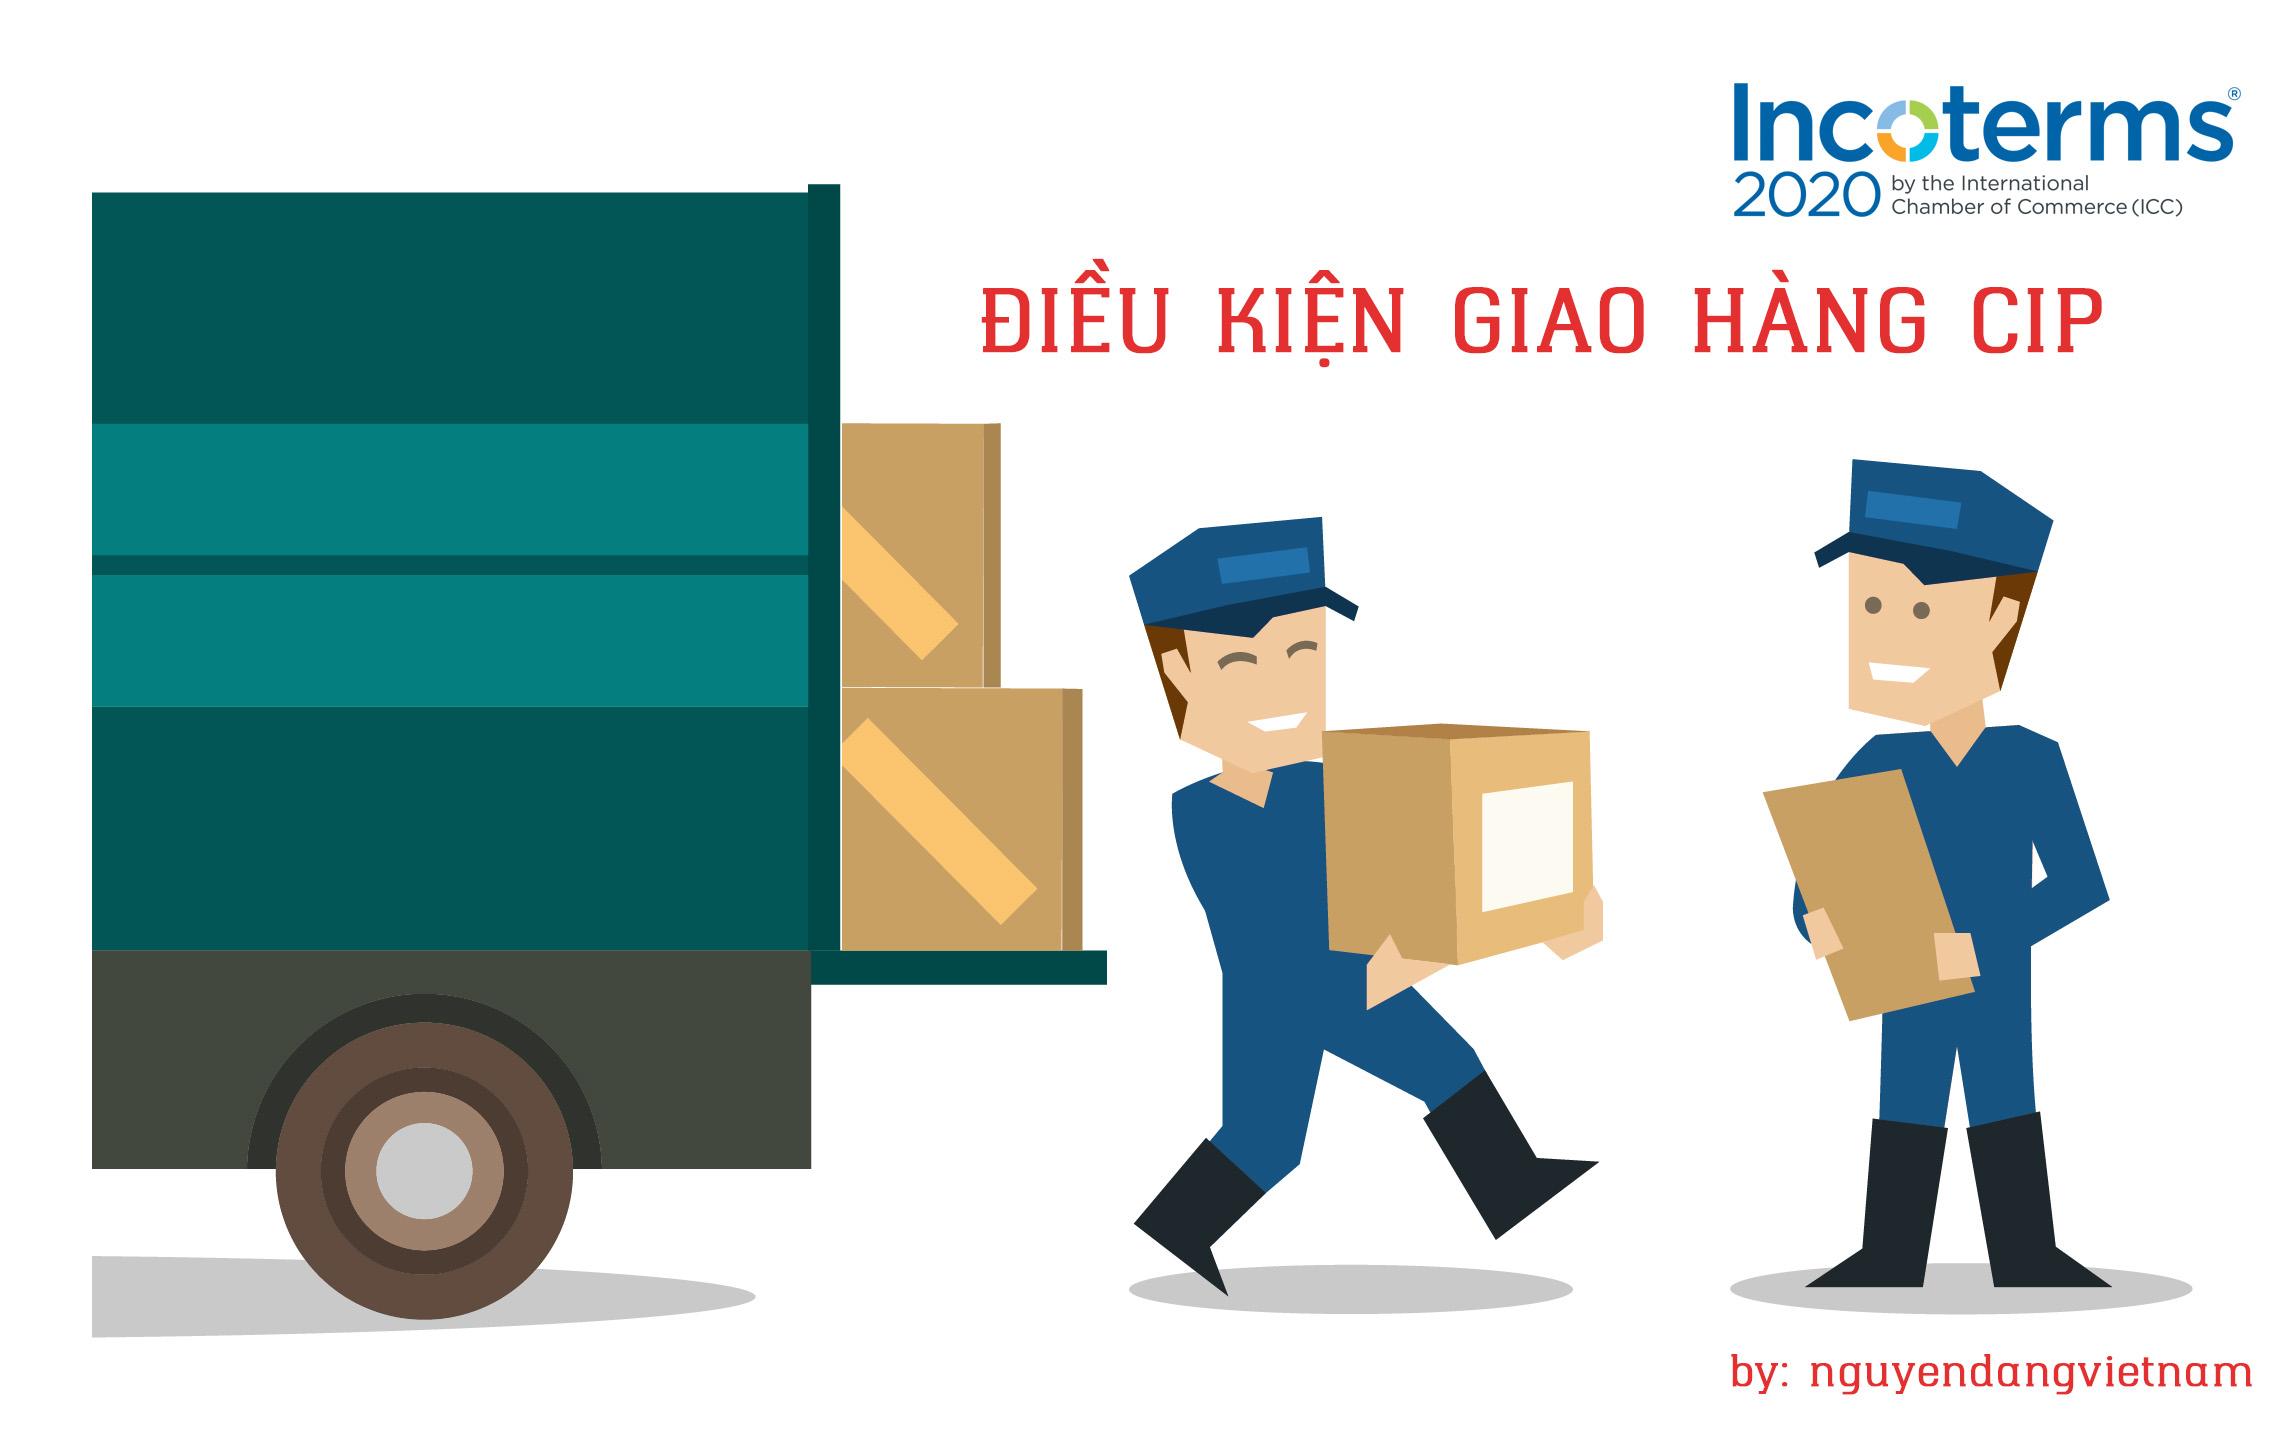 Điều kiện giao hàng CIP Incoterms 2020